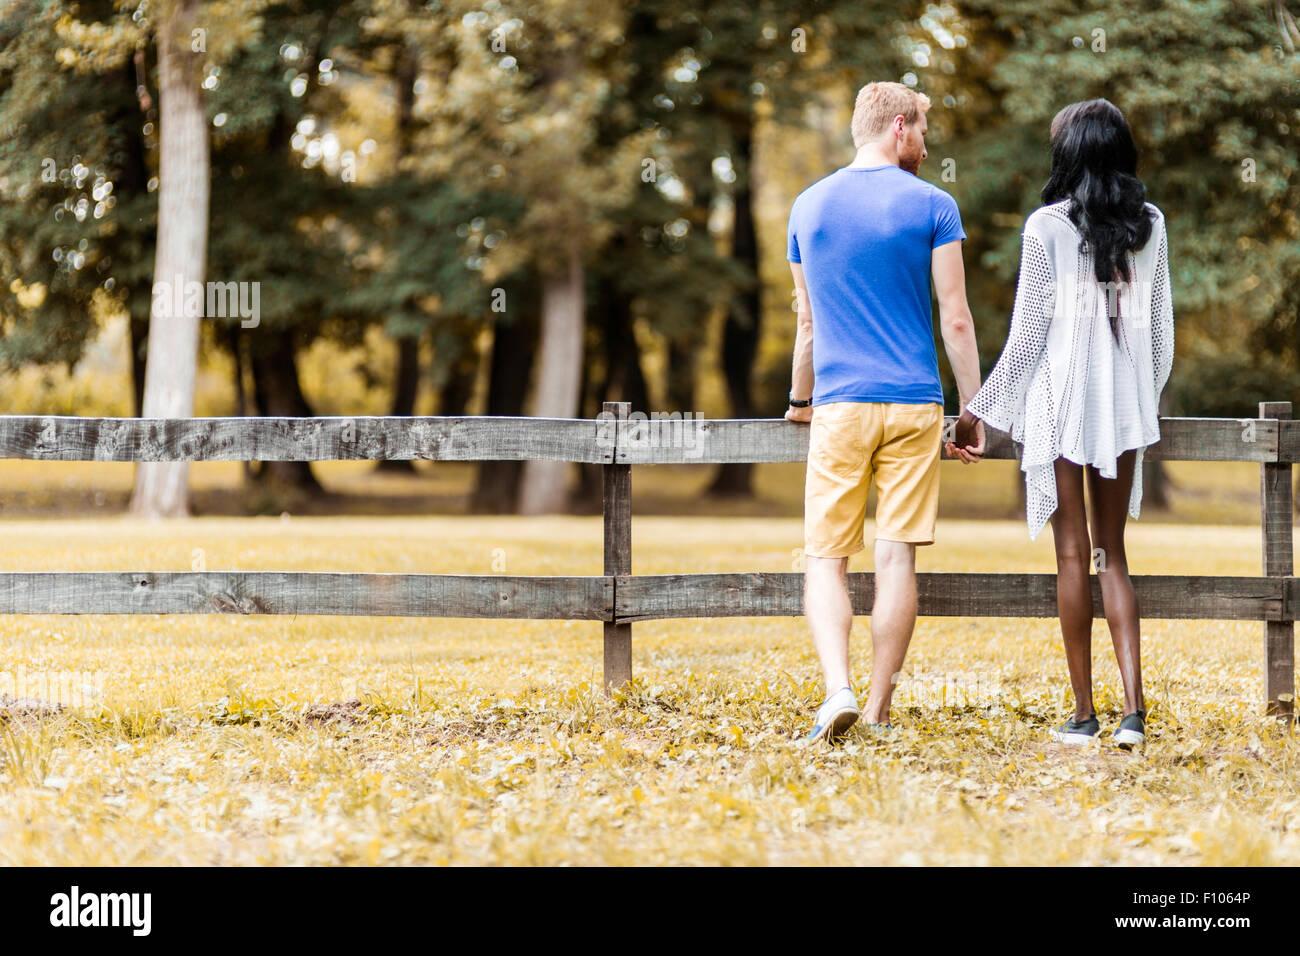 Glückliches Paar in Liebe Hand in Hand in einem Park im Herbst Stockbild